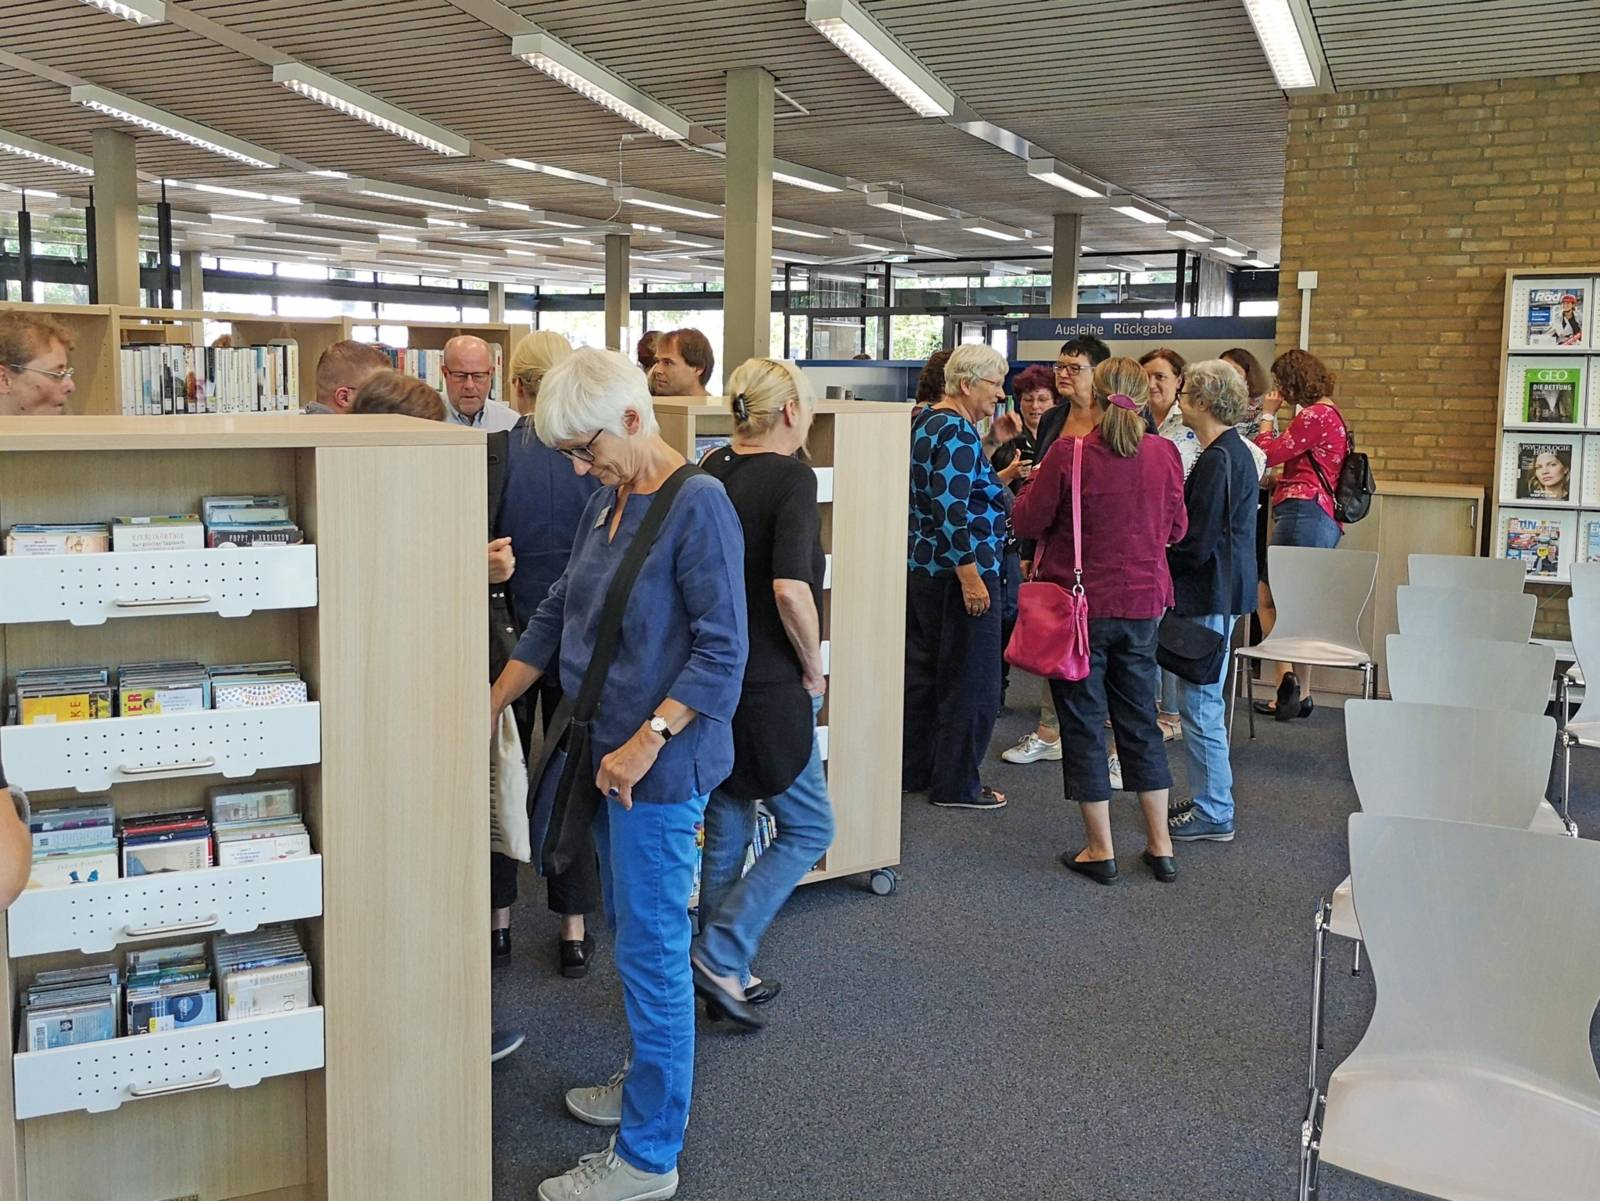 Menschen in einer Bibliothek.